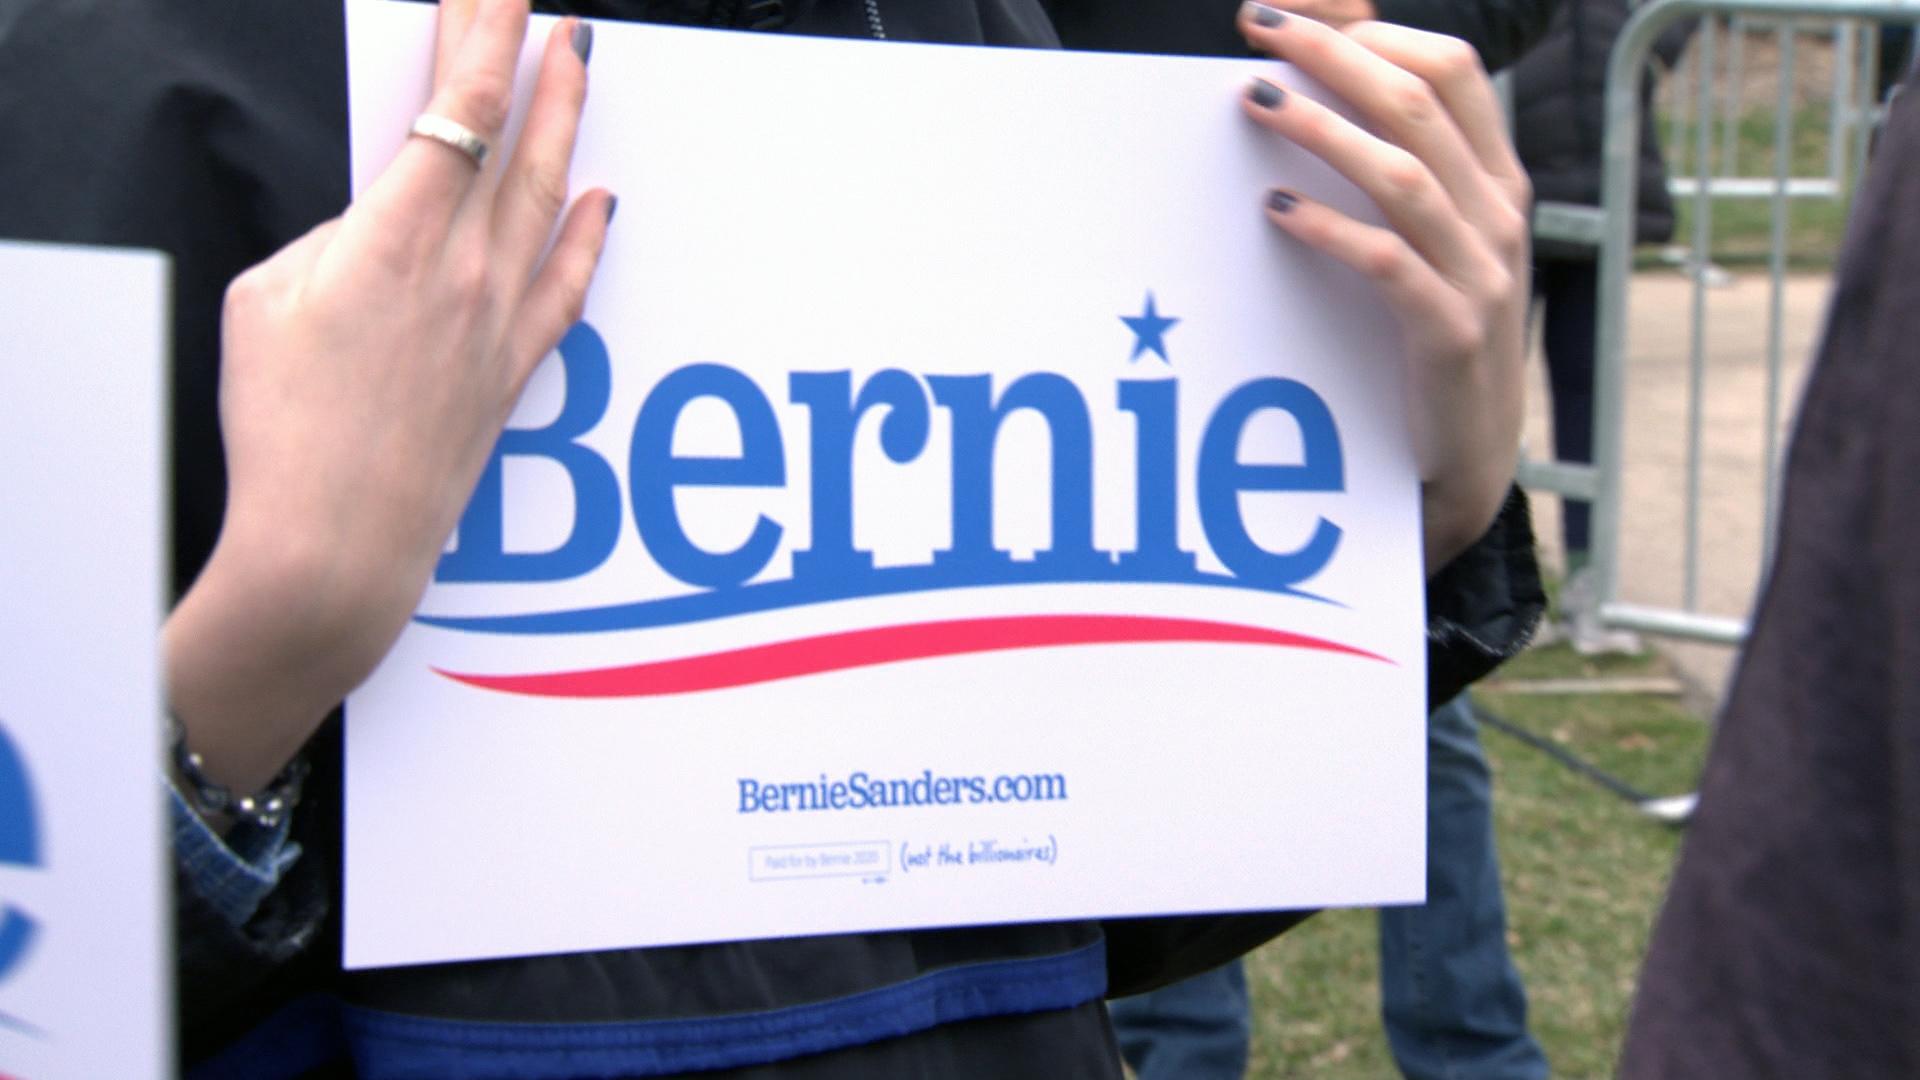 Bernie Sanders sign.